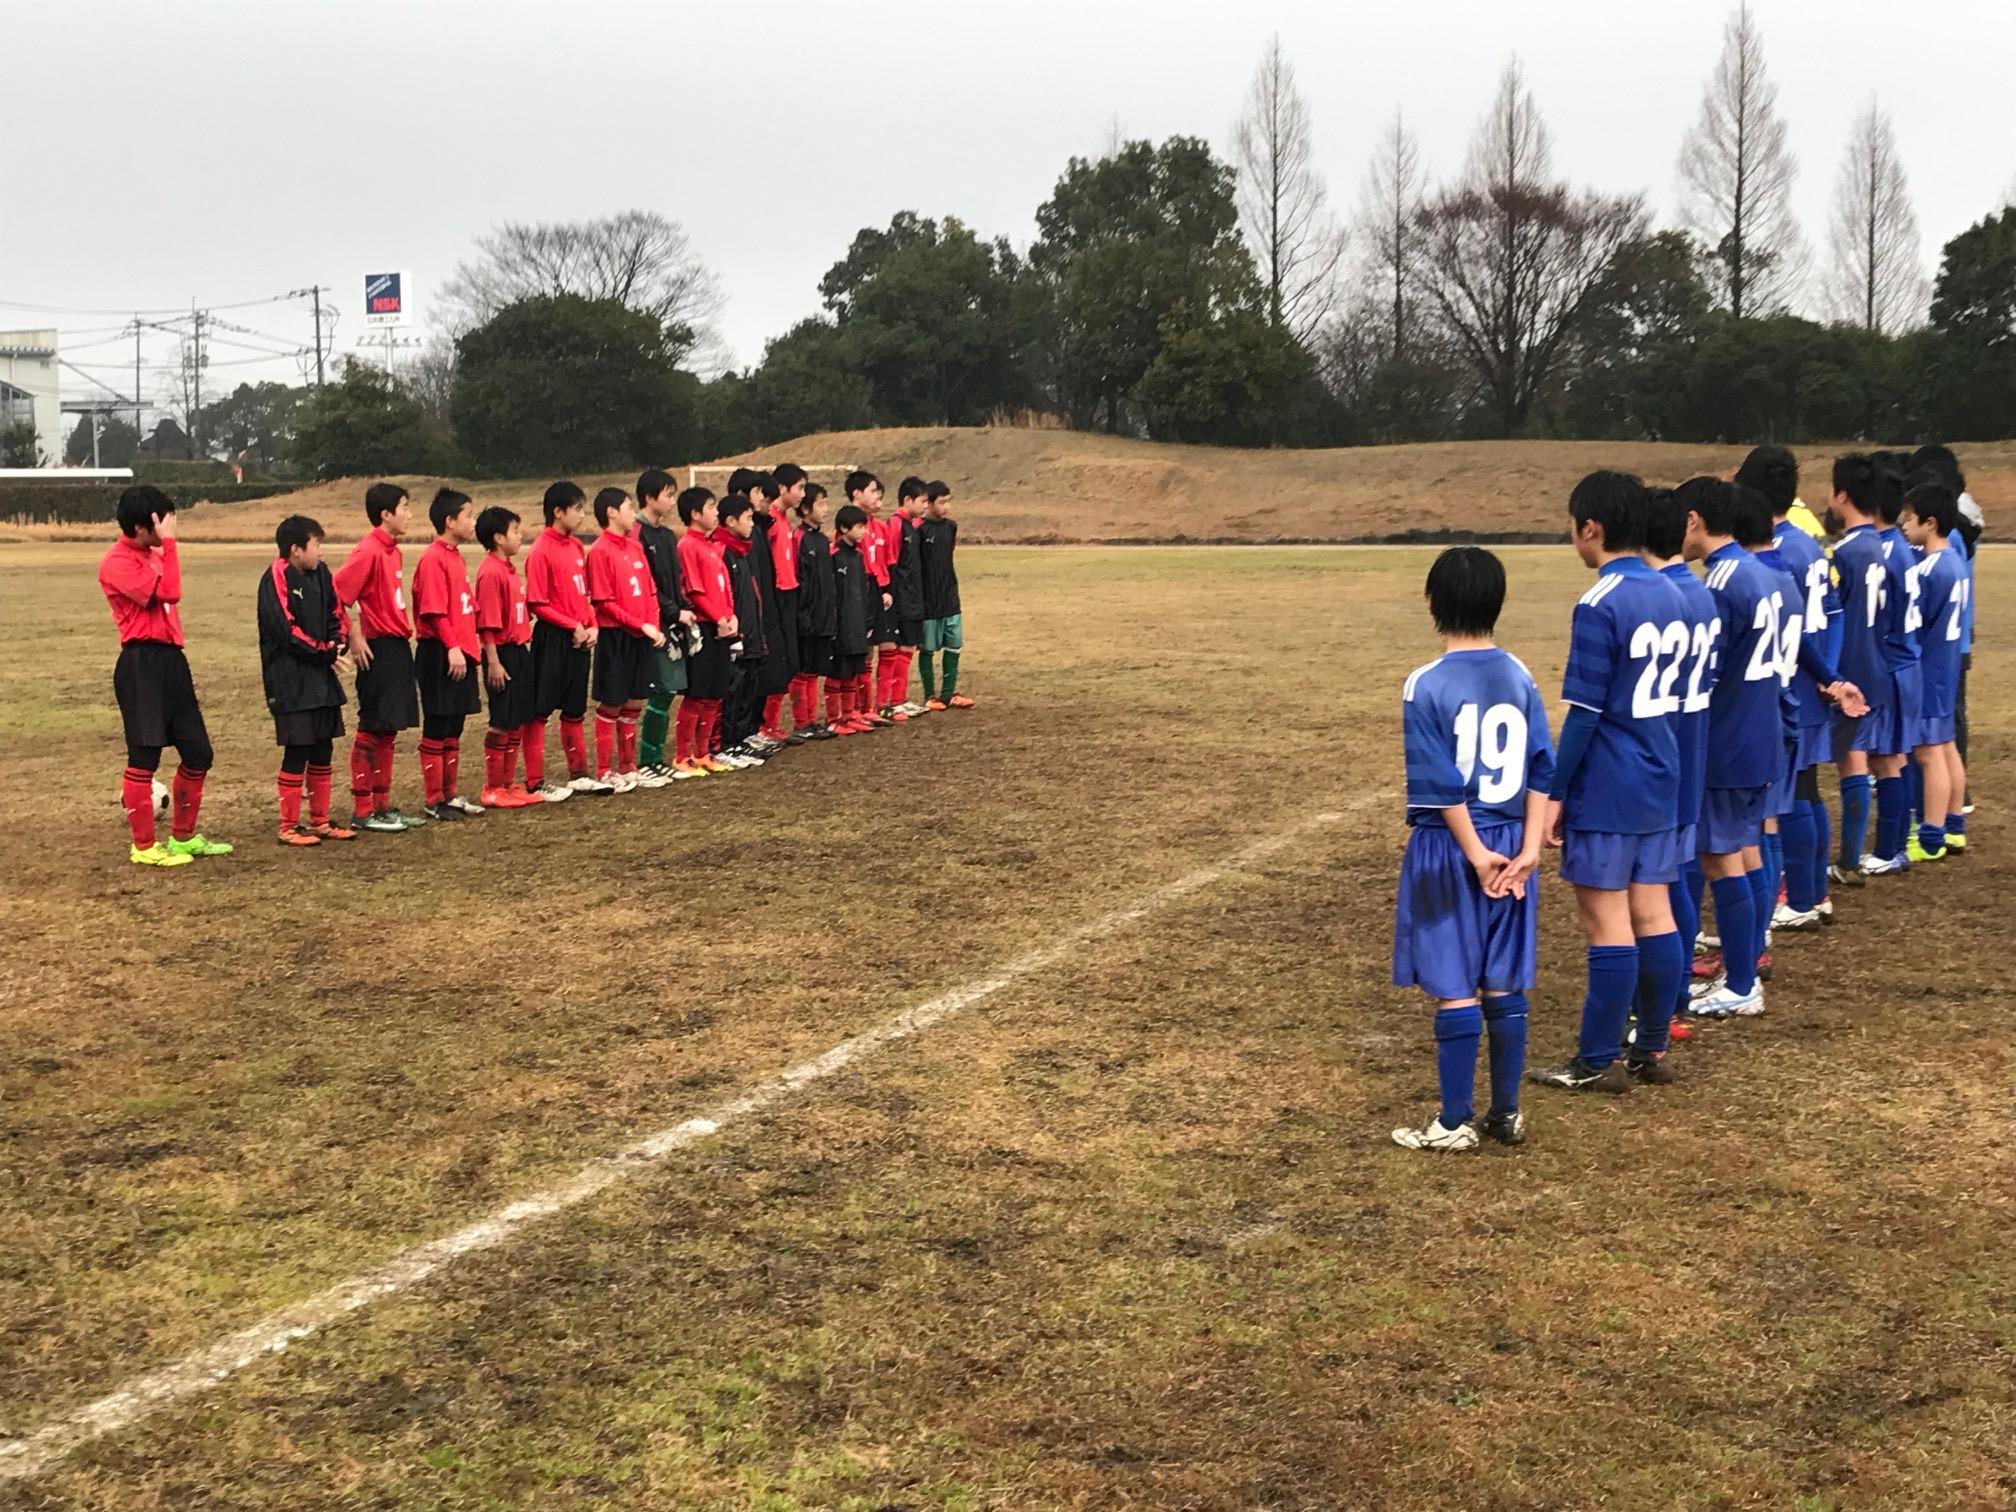 福岡市長杯 U-12 2nd vs レイルス, vs東福岡